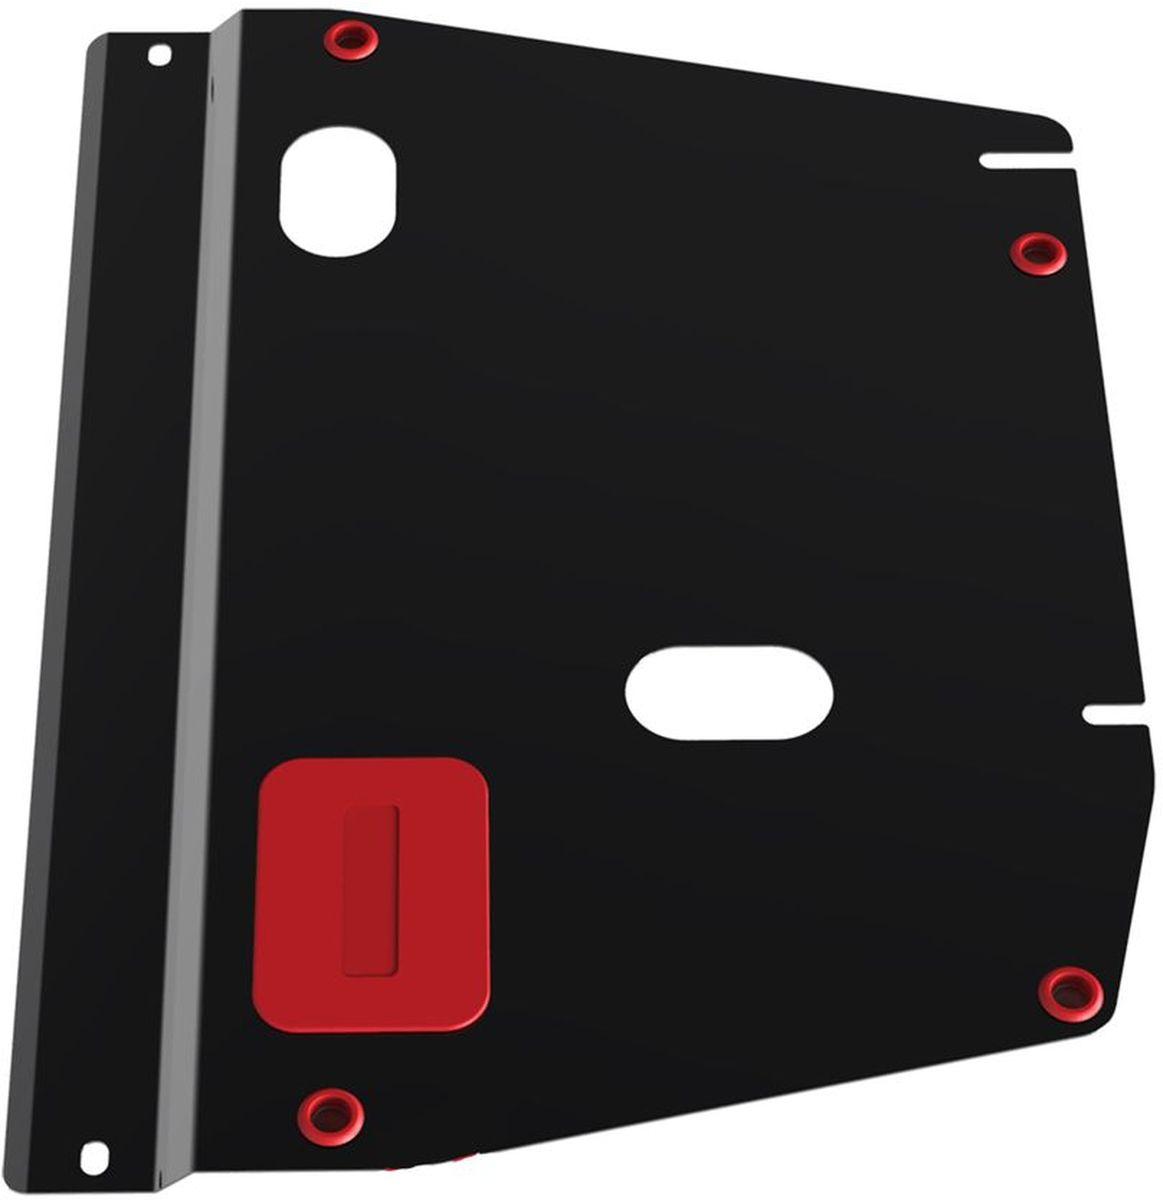 Защита картера и КПП Автоброня Honda Civic 2006-, сталь 2 мм111.02108.1Защита картера и КПП Автоброня Honda Civic 4dr, V - 1,8 2006-, сталь 2 мм, комплект крепежа, 111.02108.1Стальные защиты Автоброня надежно защищают ваш автомобиль от повреждений при наезде на бордюры, выступающие канализационные люки, кромки поврежденного асфальта или при ремонте дорог, не говоря уже о загородных дорогах.- Имеют оптимальное соотношение цена-качество.- Спроектированы с учетом особенностей автомобиля, что делает установку удобной.- Защита устанавливается в штатные места кузова автомобиля.- Является надежной защитой для важных элементов на протяжении долгих лет.- Глубокий штамп дополнительно усиливает конструкцию защиты.- Подштамповка в местах крепления защищает крепеж от срезания.- Технологические отверстия там, где они необходимы для смены масла и слива воды, оборудованные заглушками, закрепленными на защите.Толщина стали 2 мм.В комплекте крепеж и инструкция по установке.